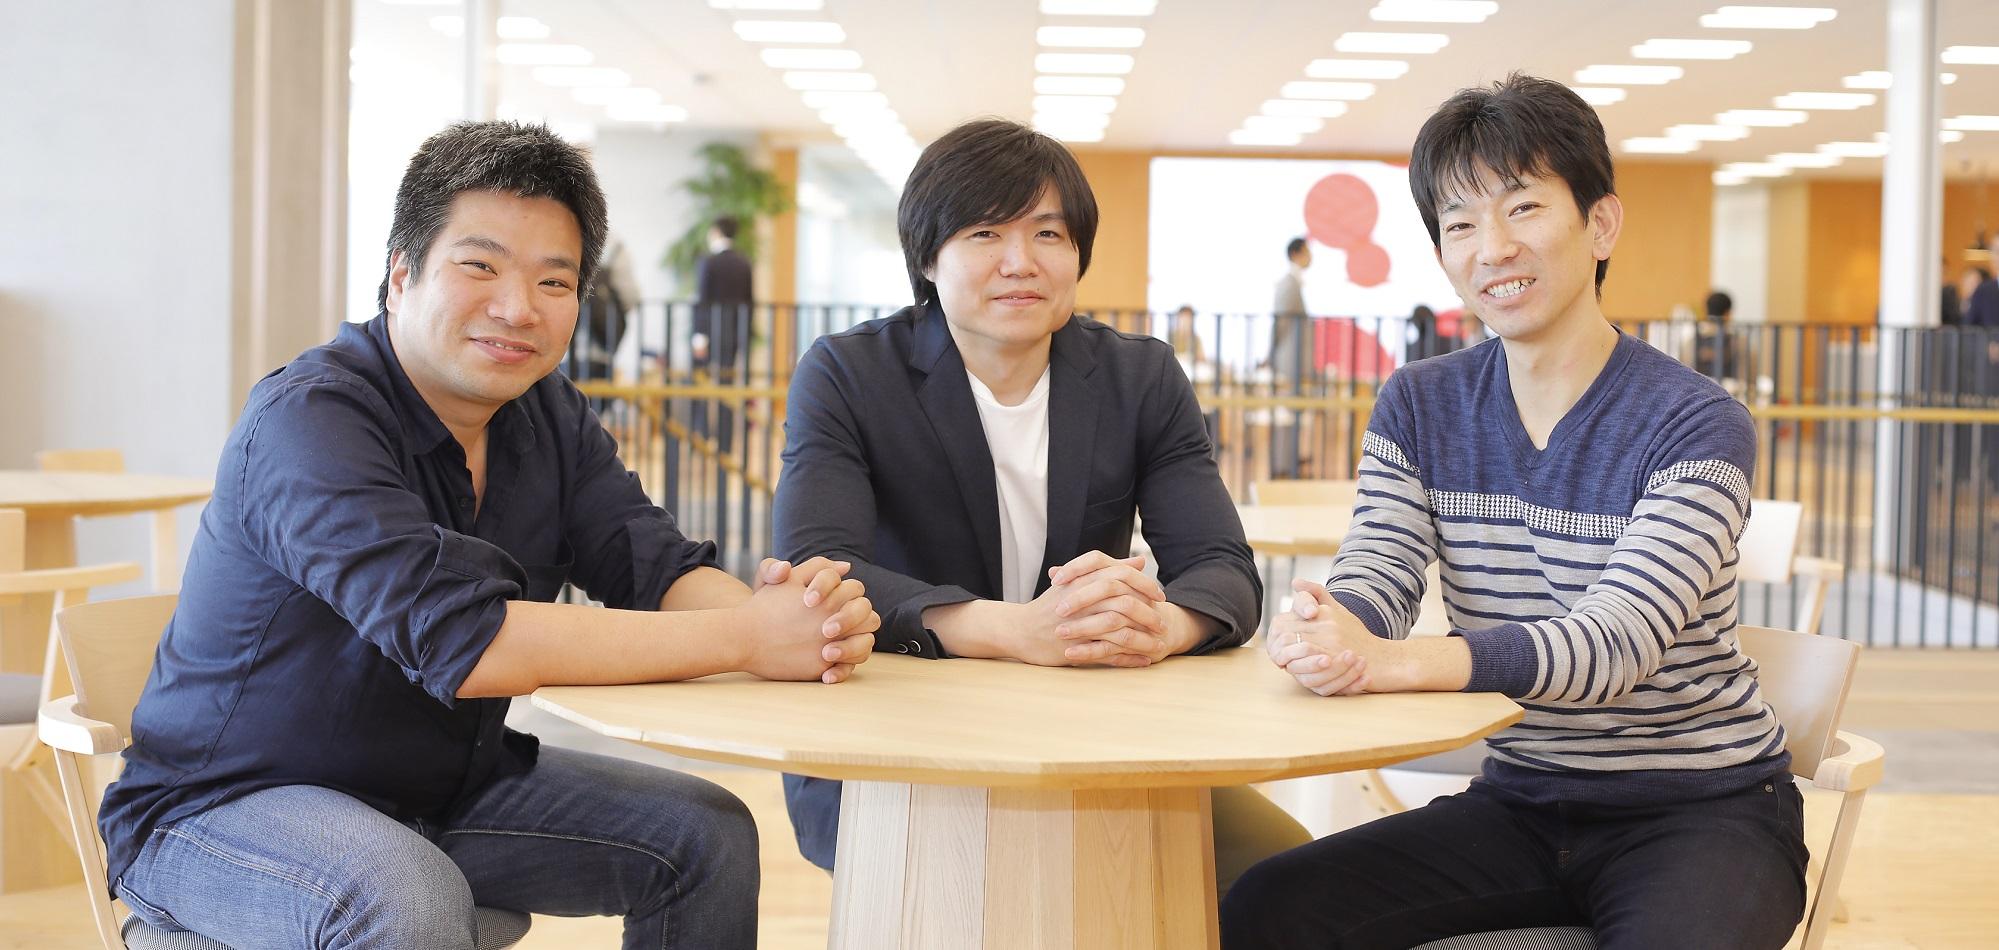 三名の部長が並んで居座っている様子の写真